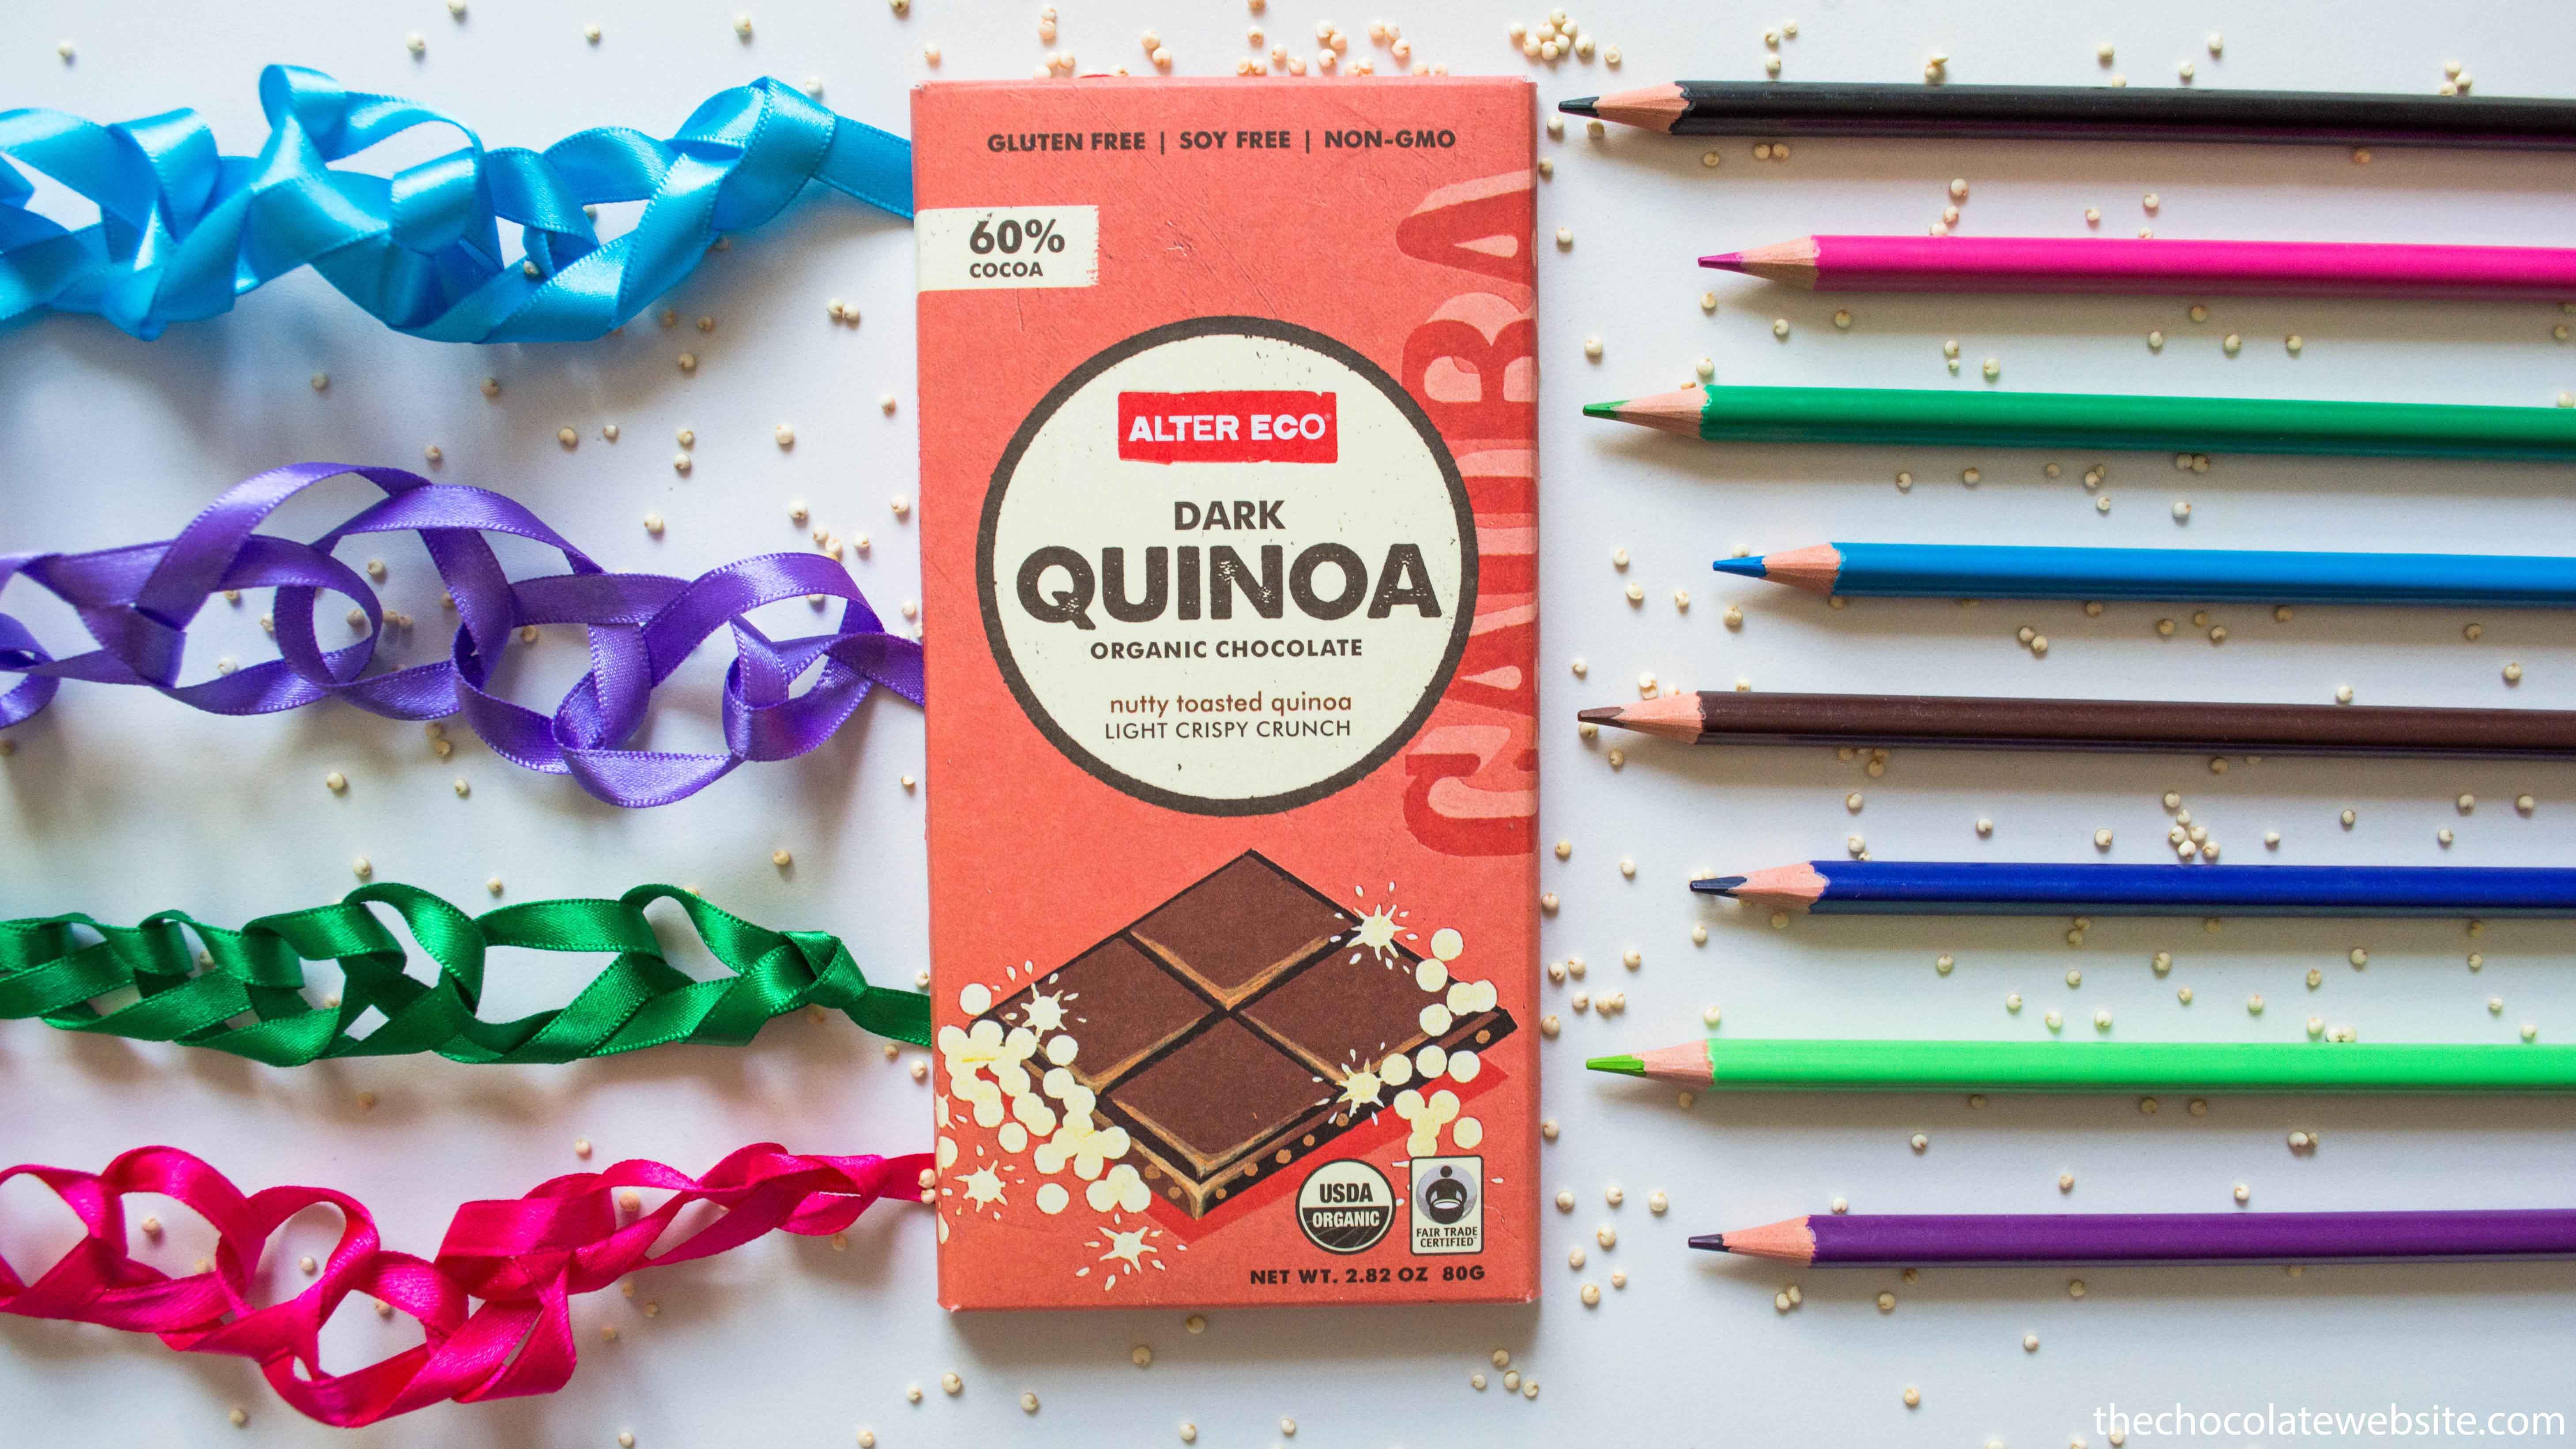 Alter Eco Quinoa Dark Chocolate